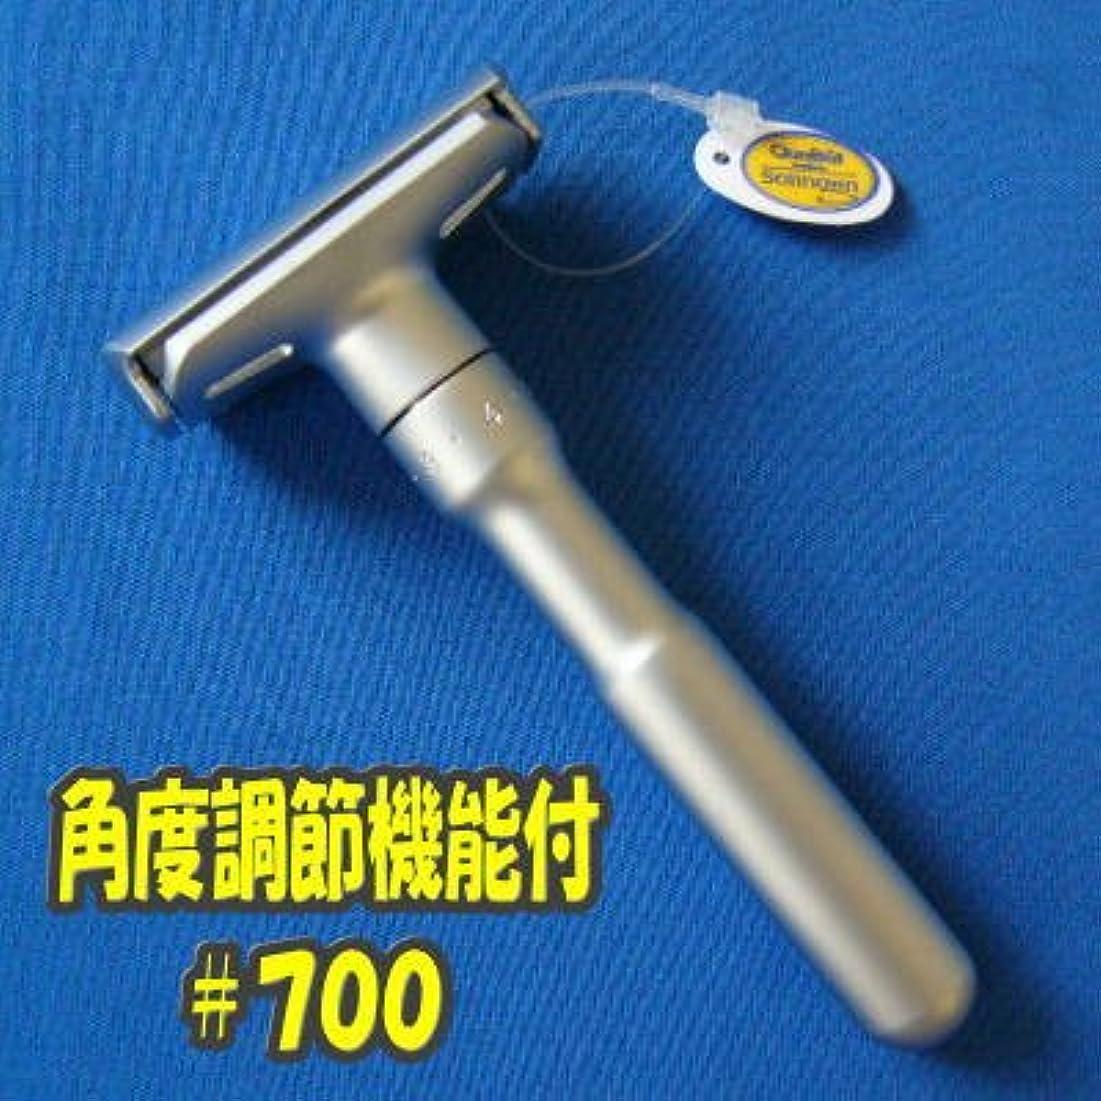 擬人コンピューター明らかにするメルクール髭剃り(ひげそり)700 FUTUR(フューチャー) ツヤ消し(専用革ケース付)